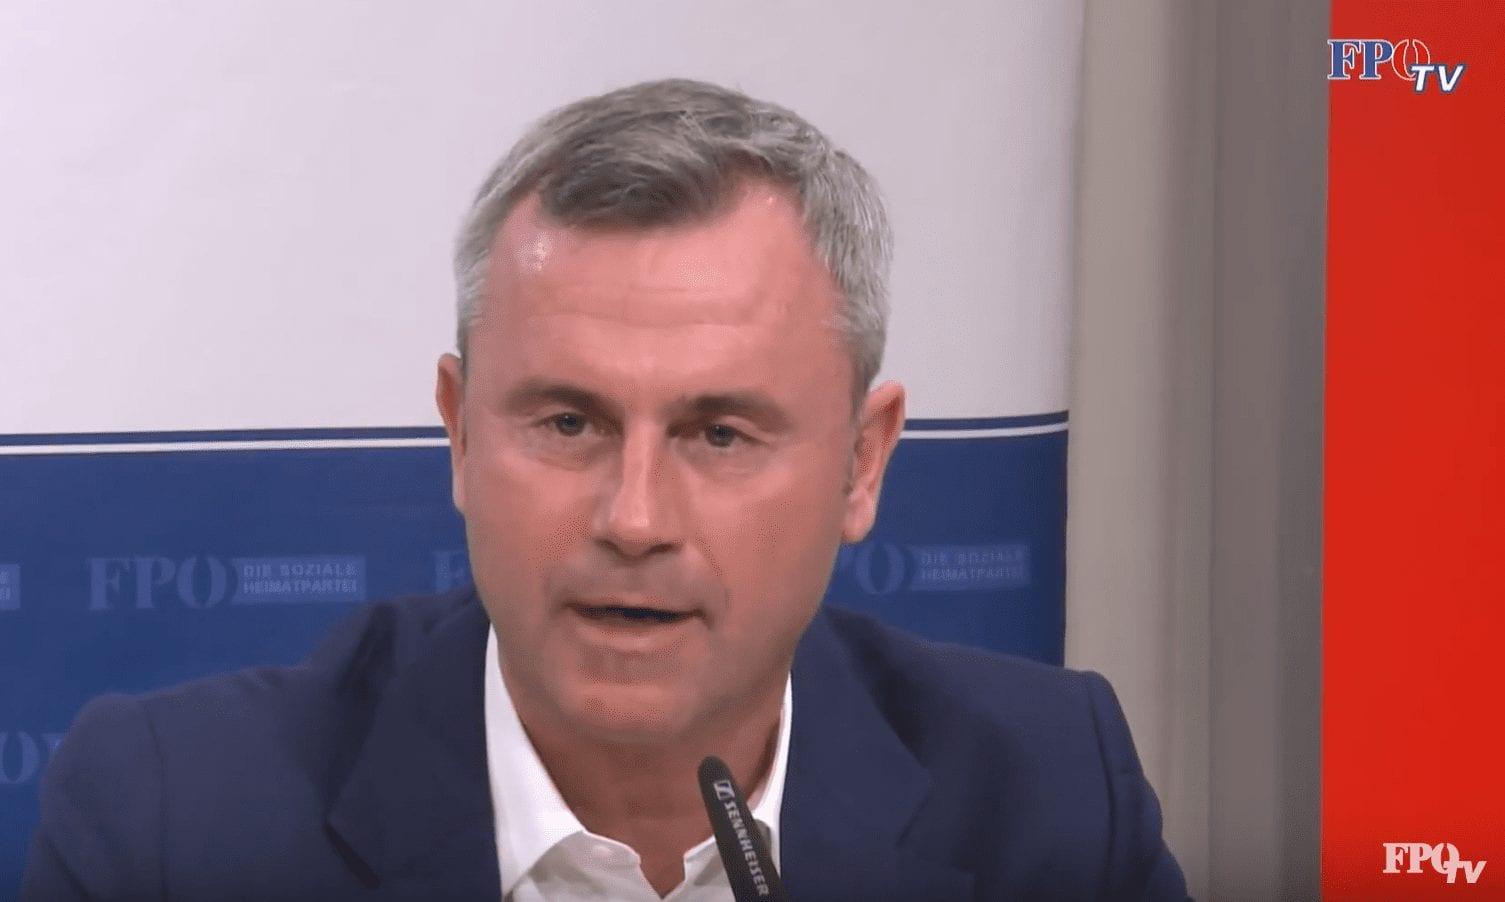 FPÖ-Chef Hofer spricht Klartext zu ORF: So spart man GIS-Gebühren